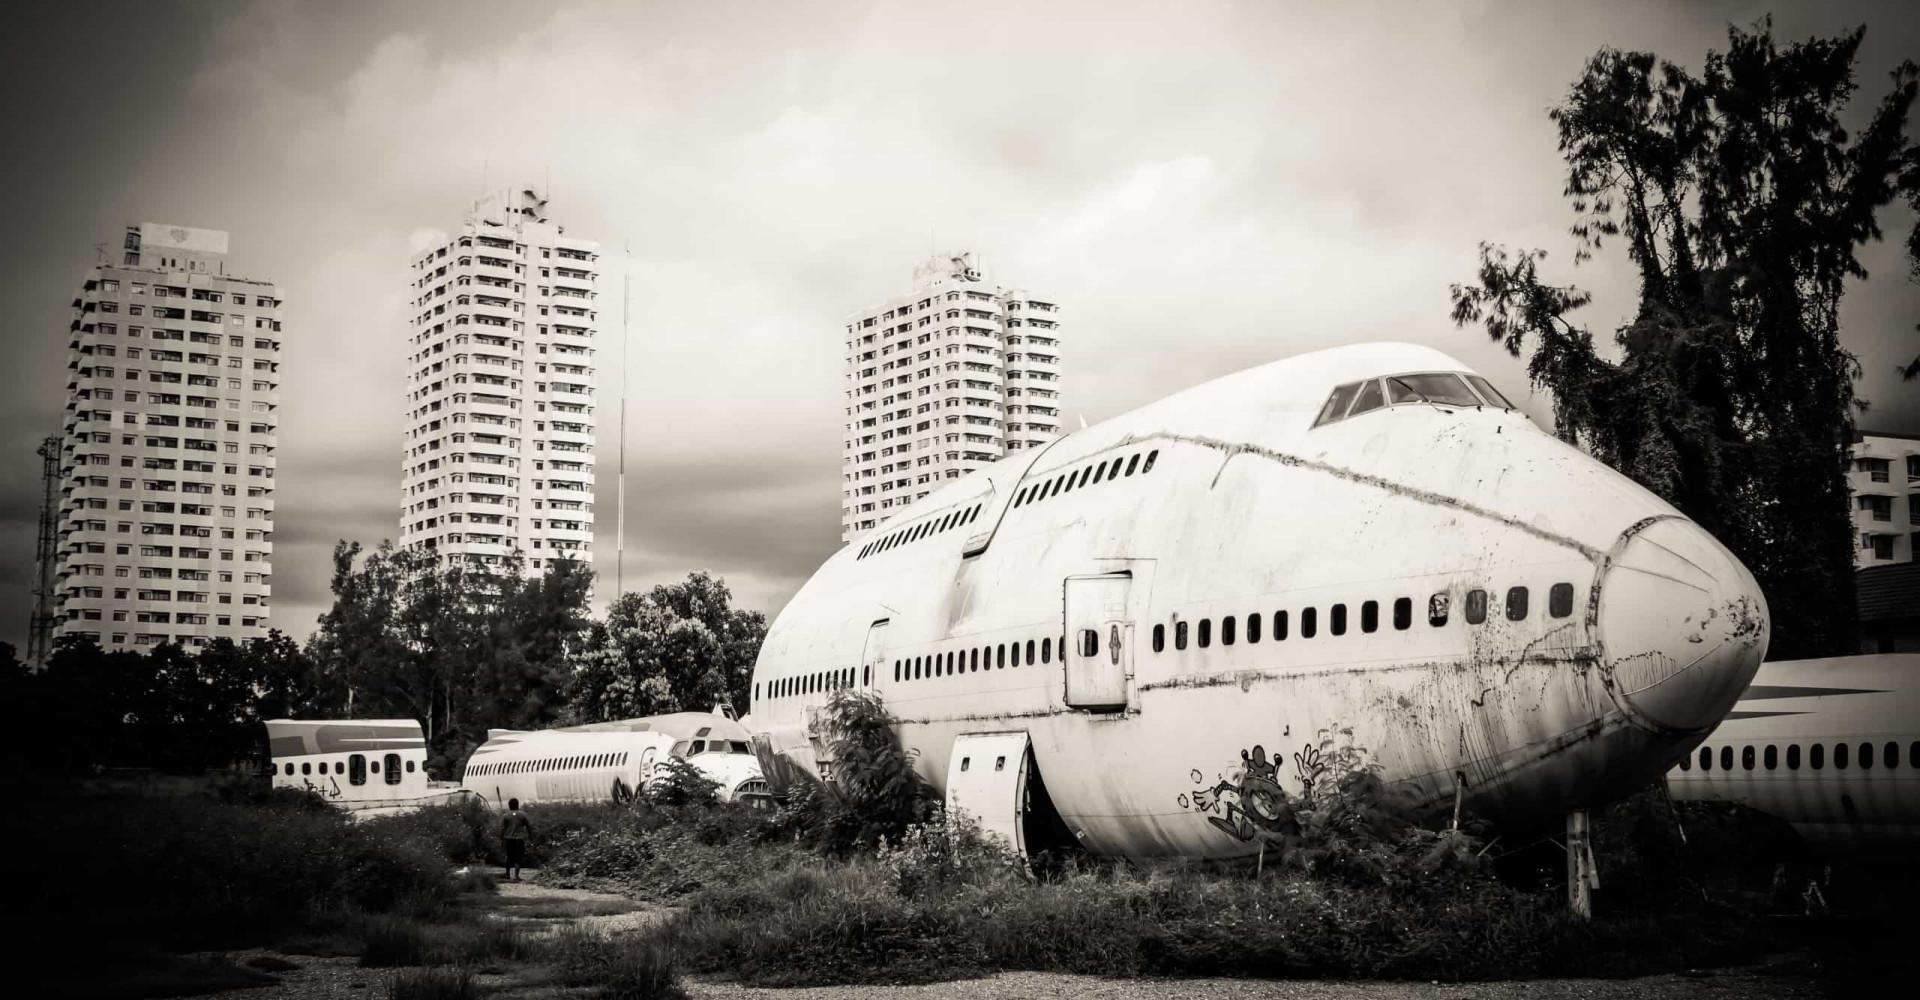 Kylmäävät kuvat hylätyistä lentokoneista ympäri maailman